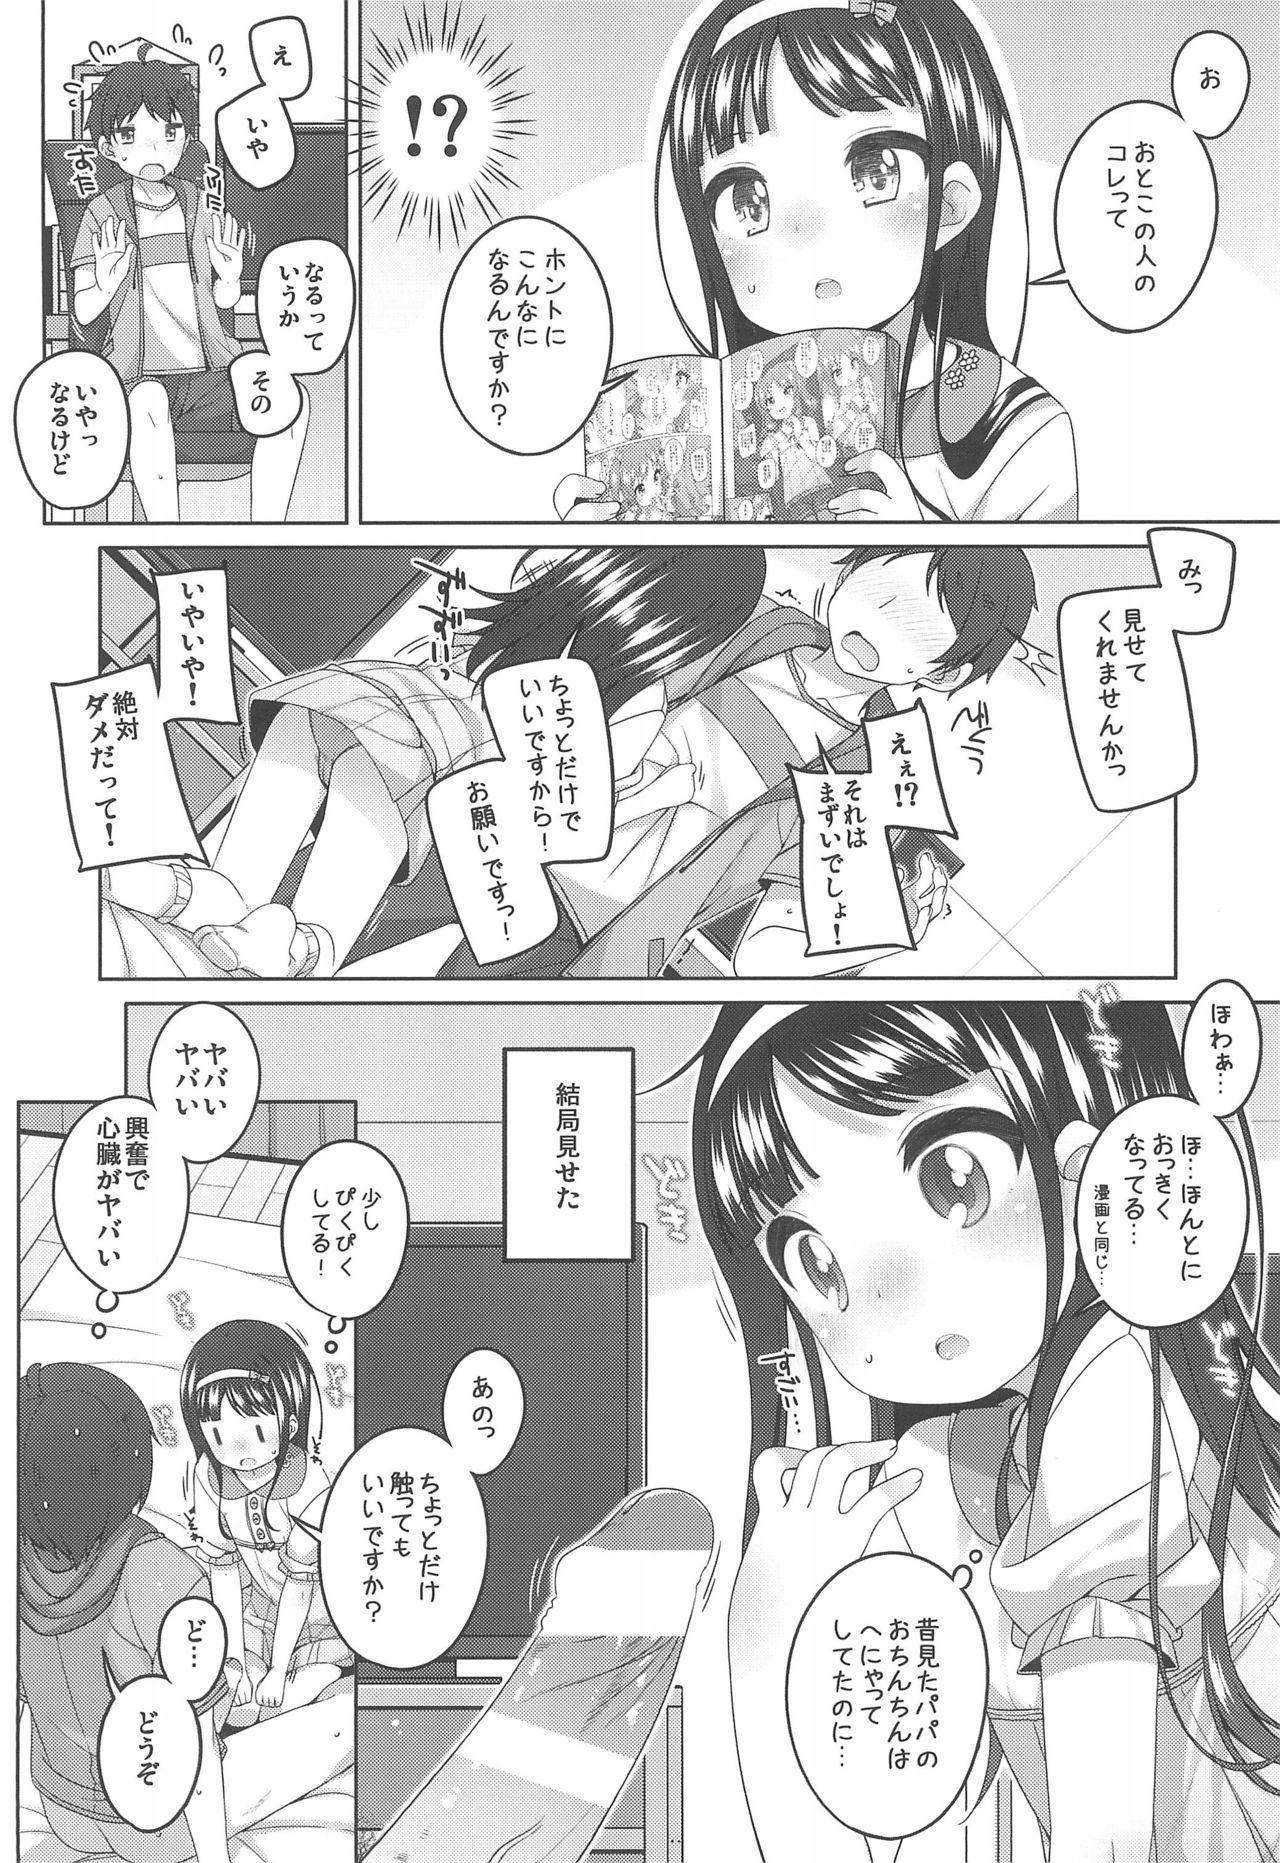 Ero-hon Sutetara Onnanoko ga Ie ni Kita 7